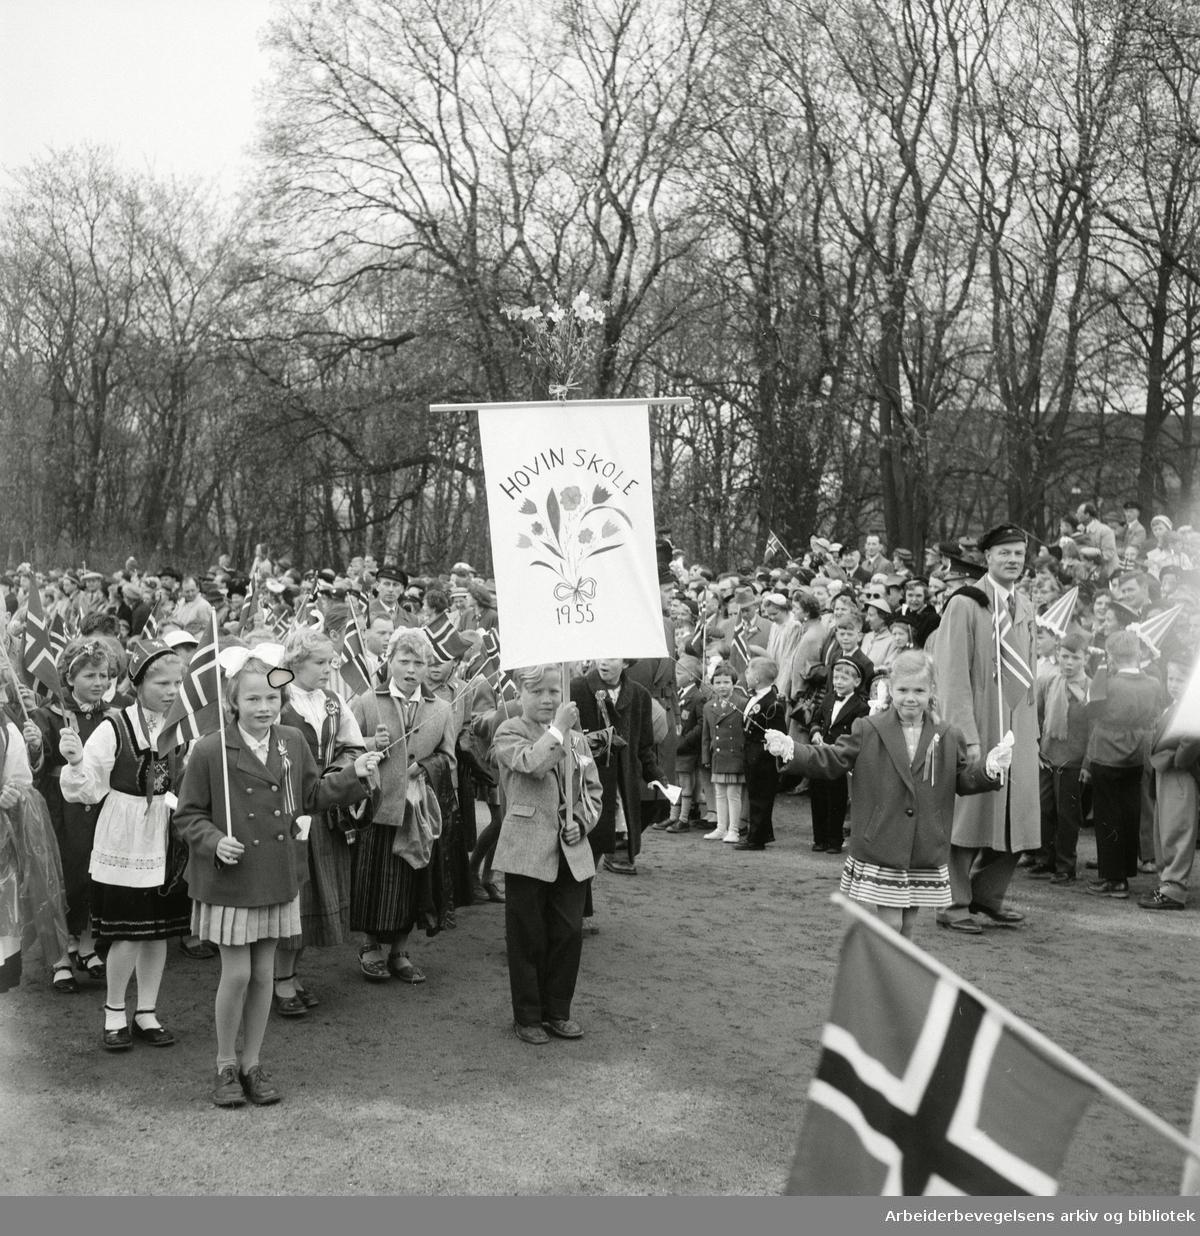 Hovin Skole med hjemmelaget fane i 17. mai-toget 1955.